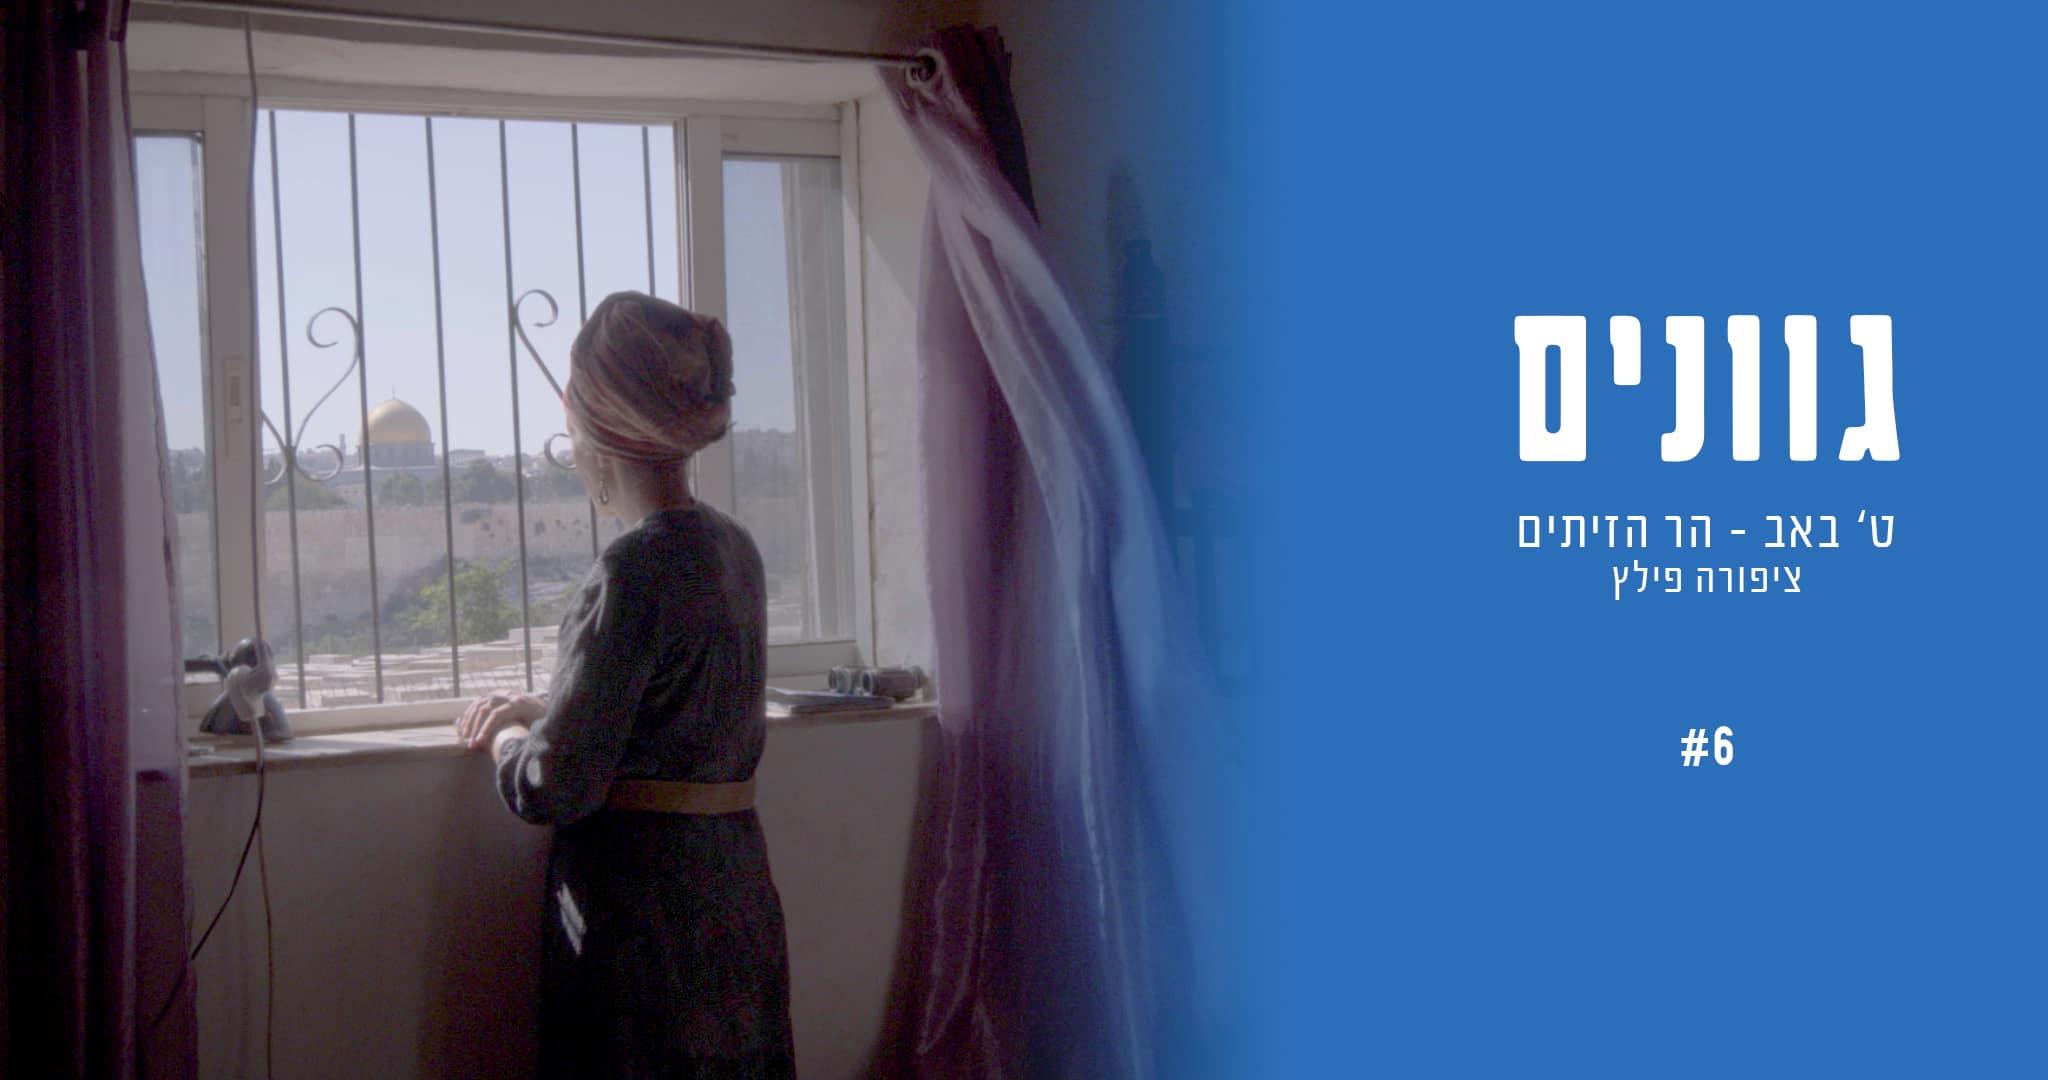 """""""משהו מאוד חסר עדיין בעולם"""": ראיון מיוחד עם אם המשפחה אשר בנתה את ביתה בבית העלמין של הר הזיתים"""